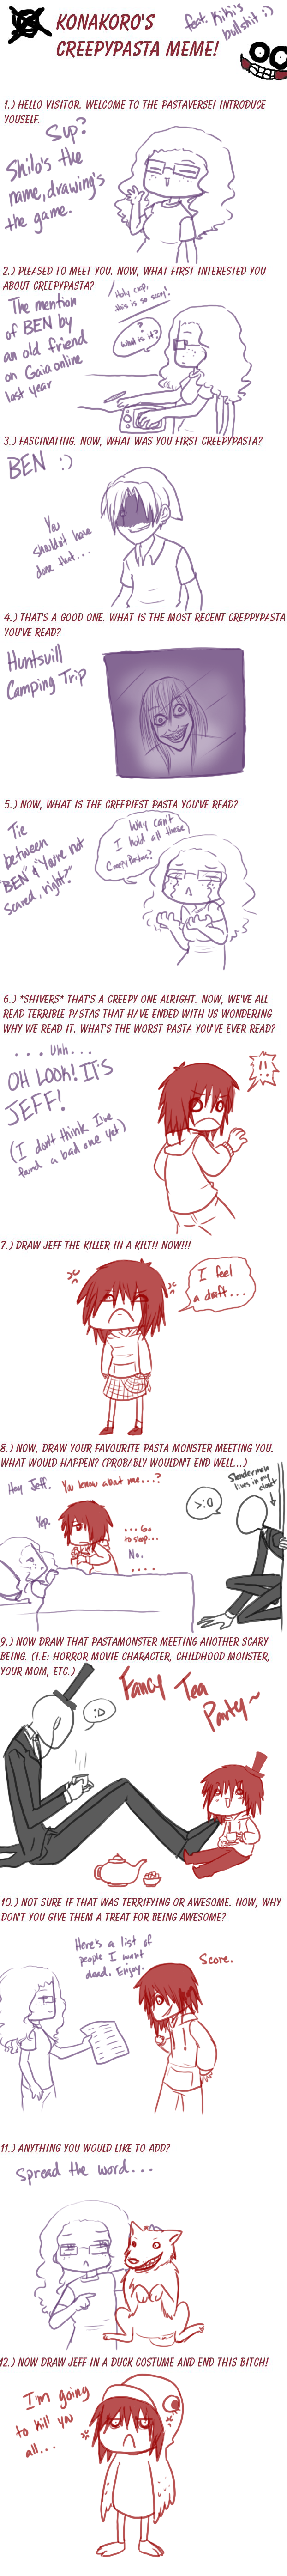 CreepyPasta Meme? by Kiki-Hyuga